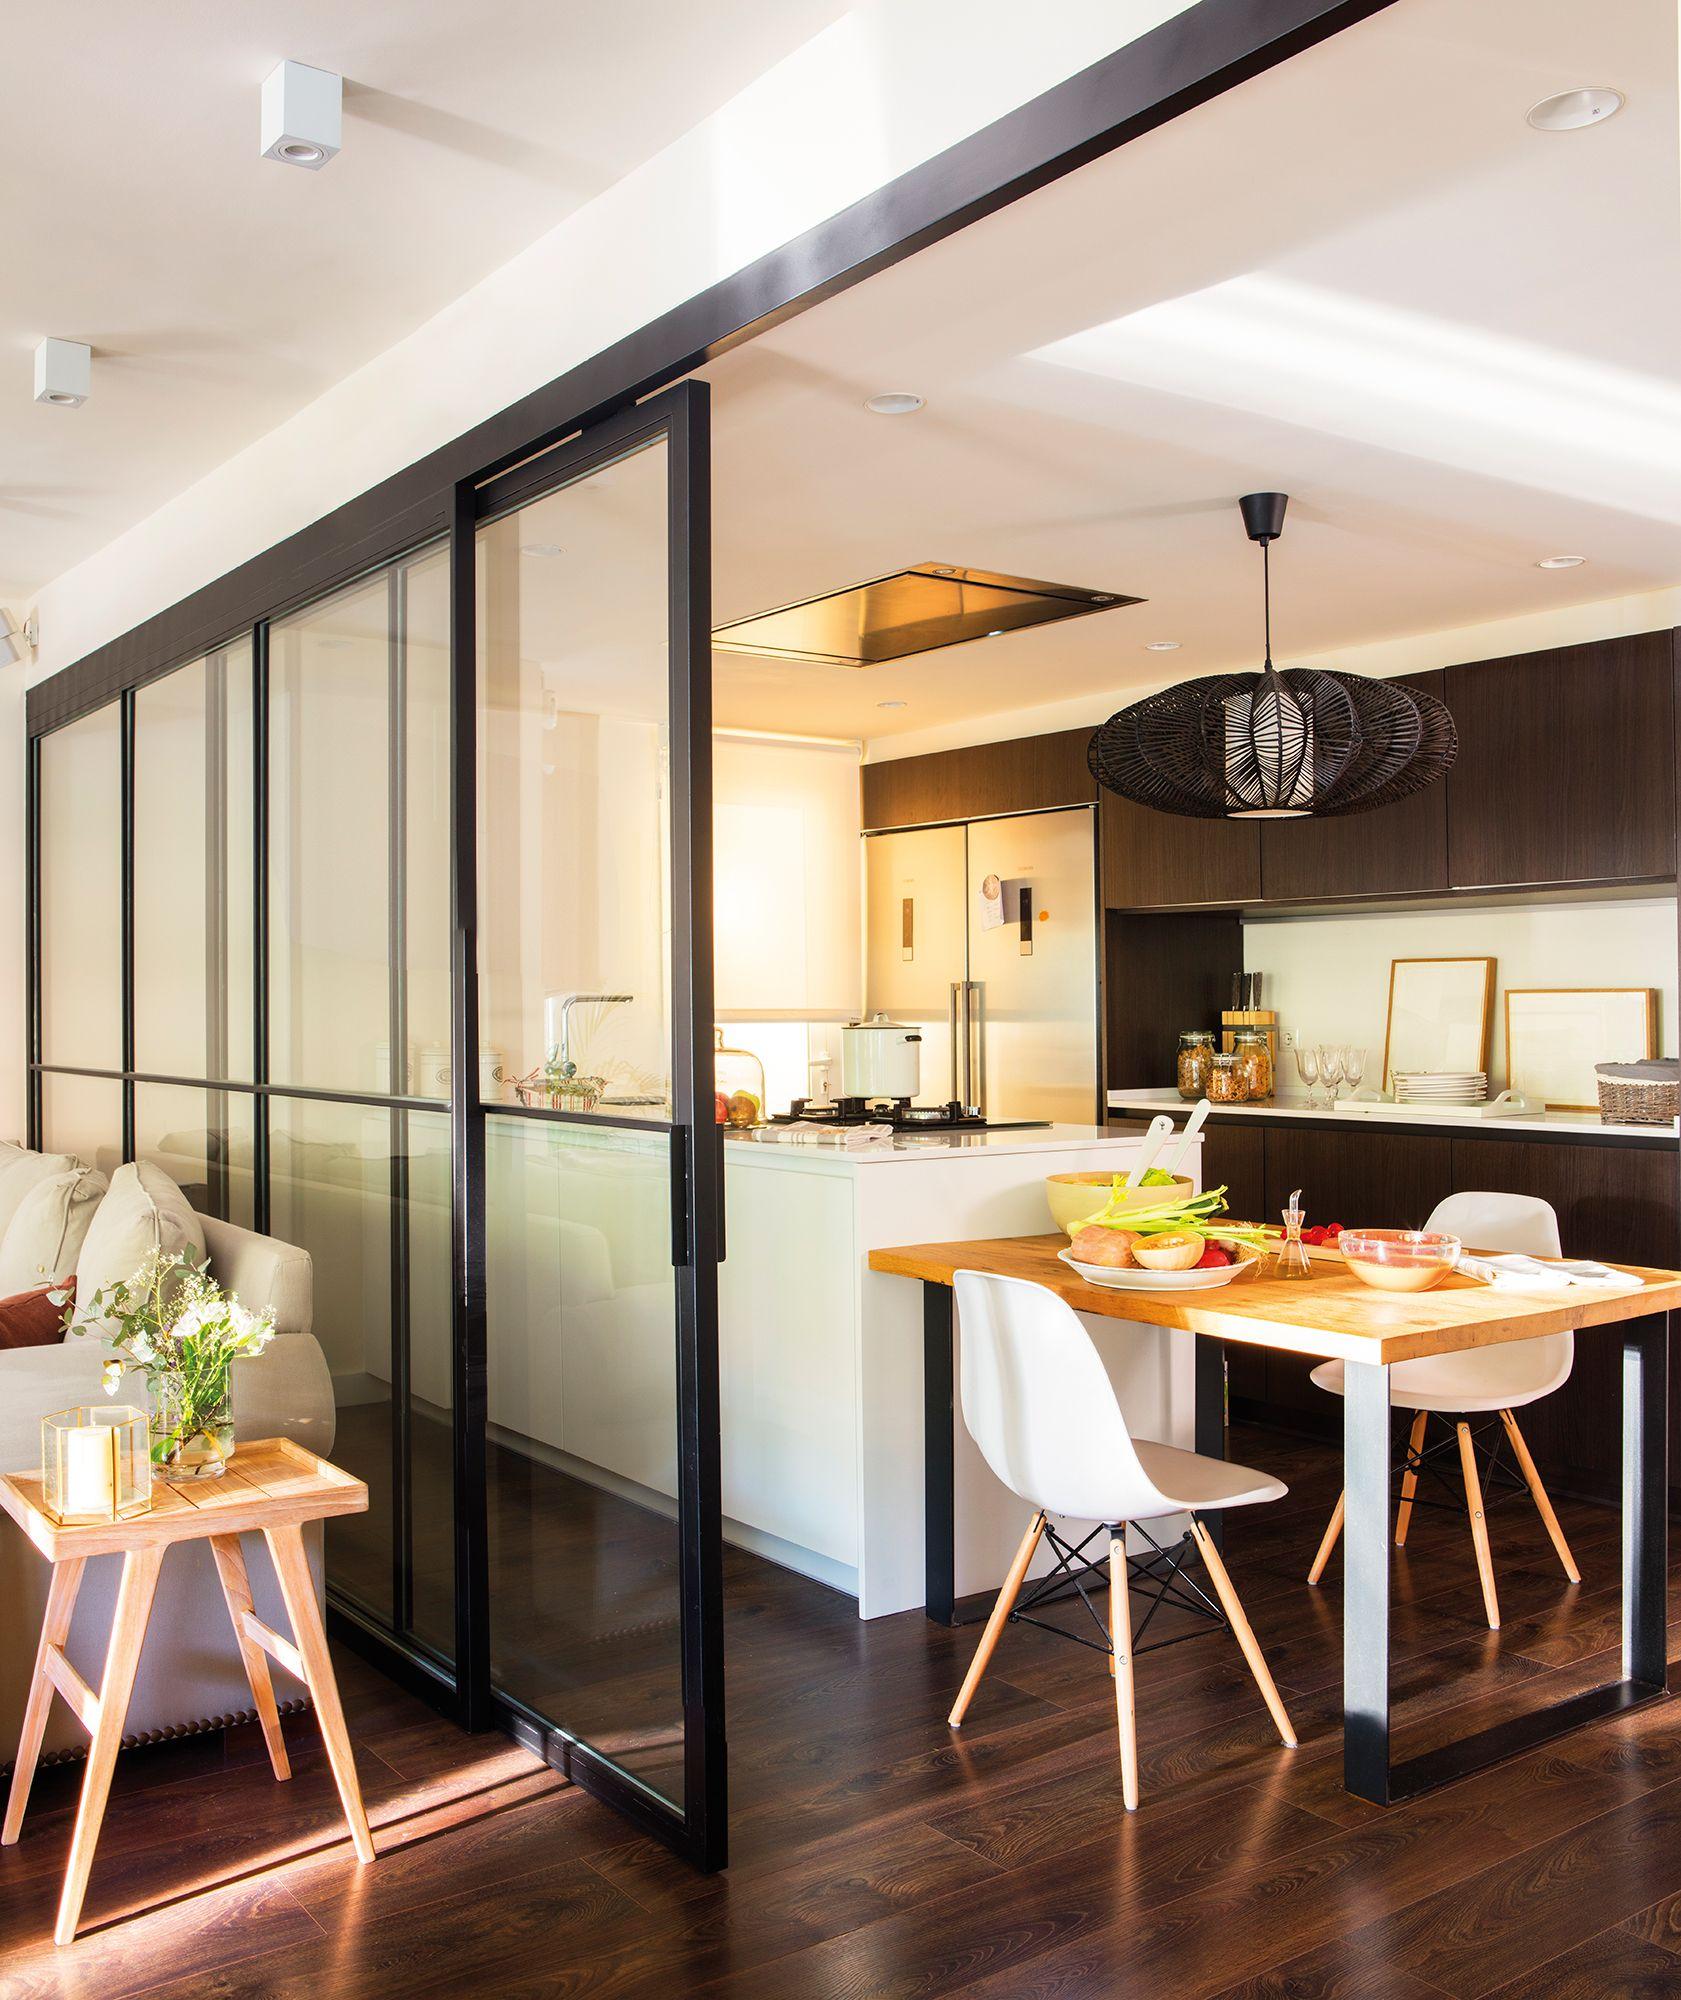 Las 50 mejores cocinas de El Mueble   Cocina moderna, Cristales y Salón